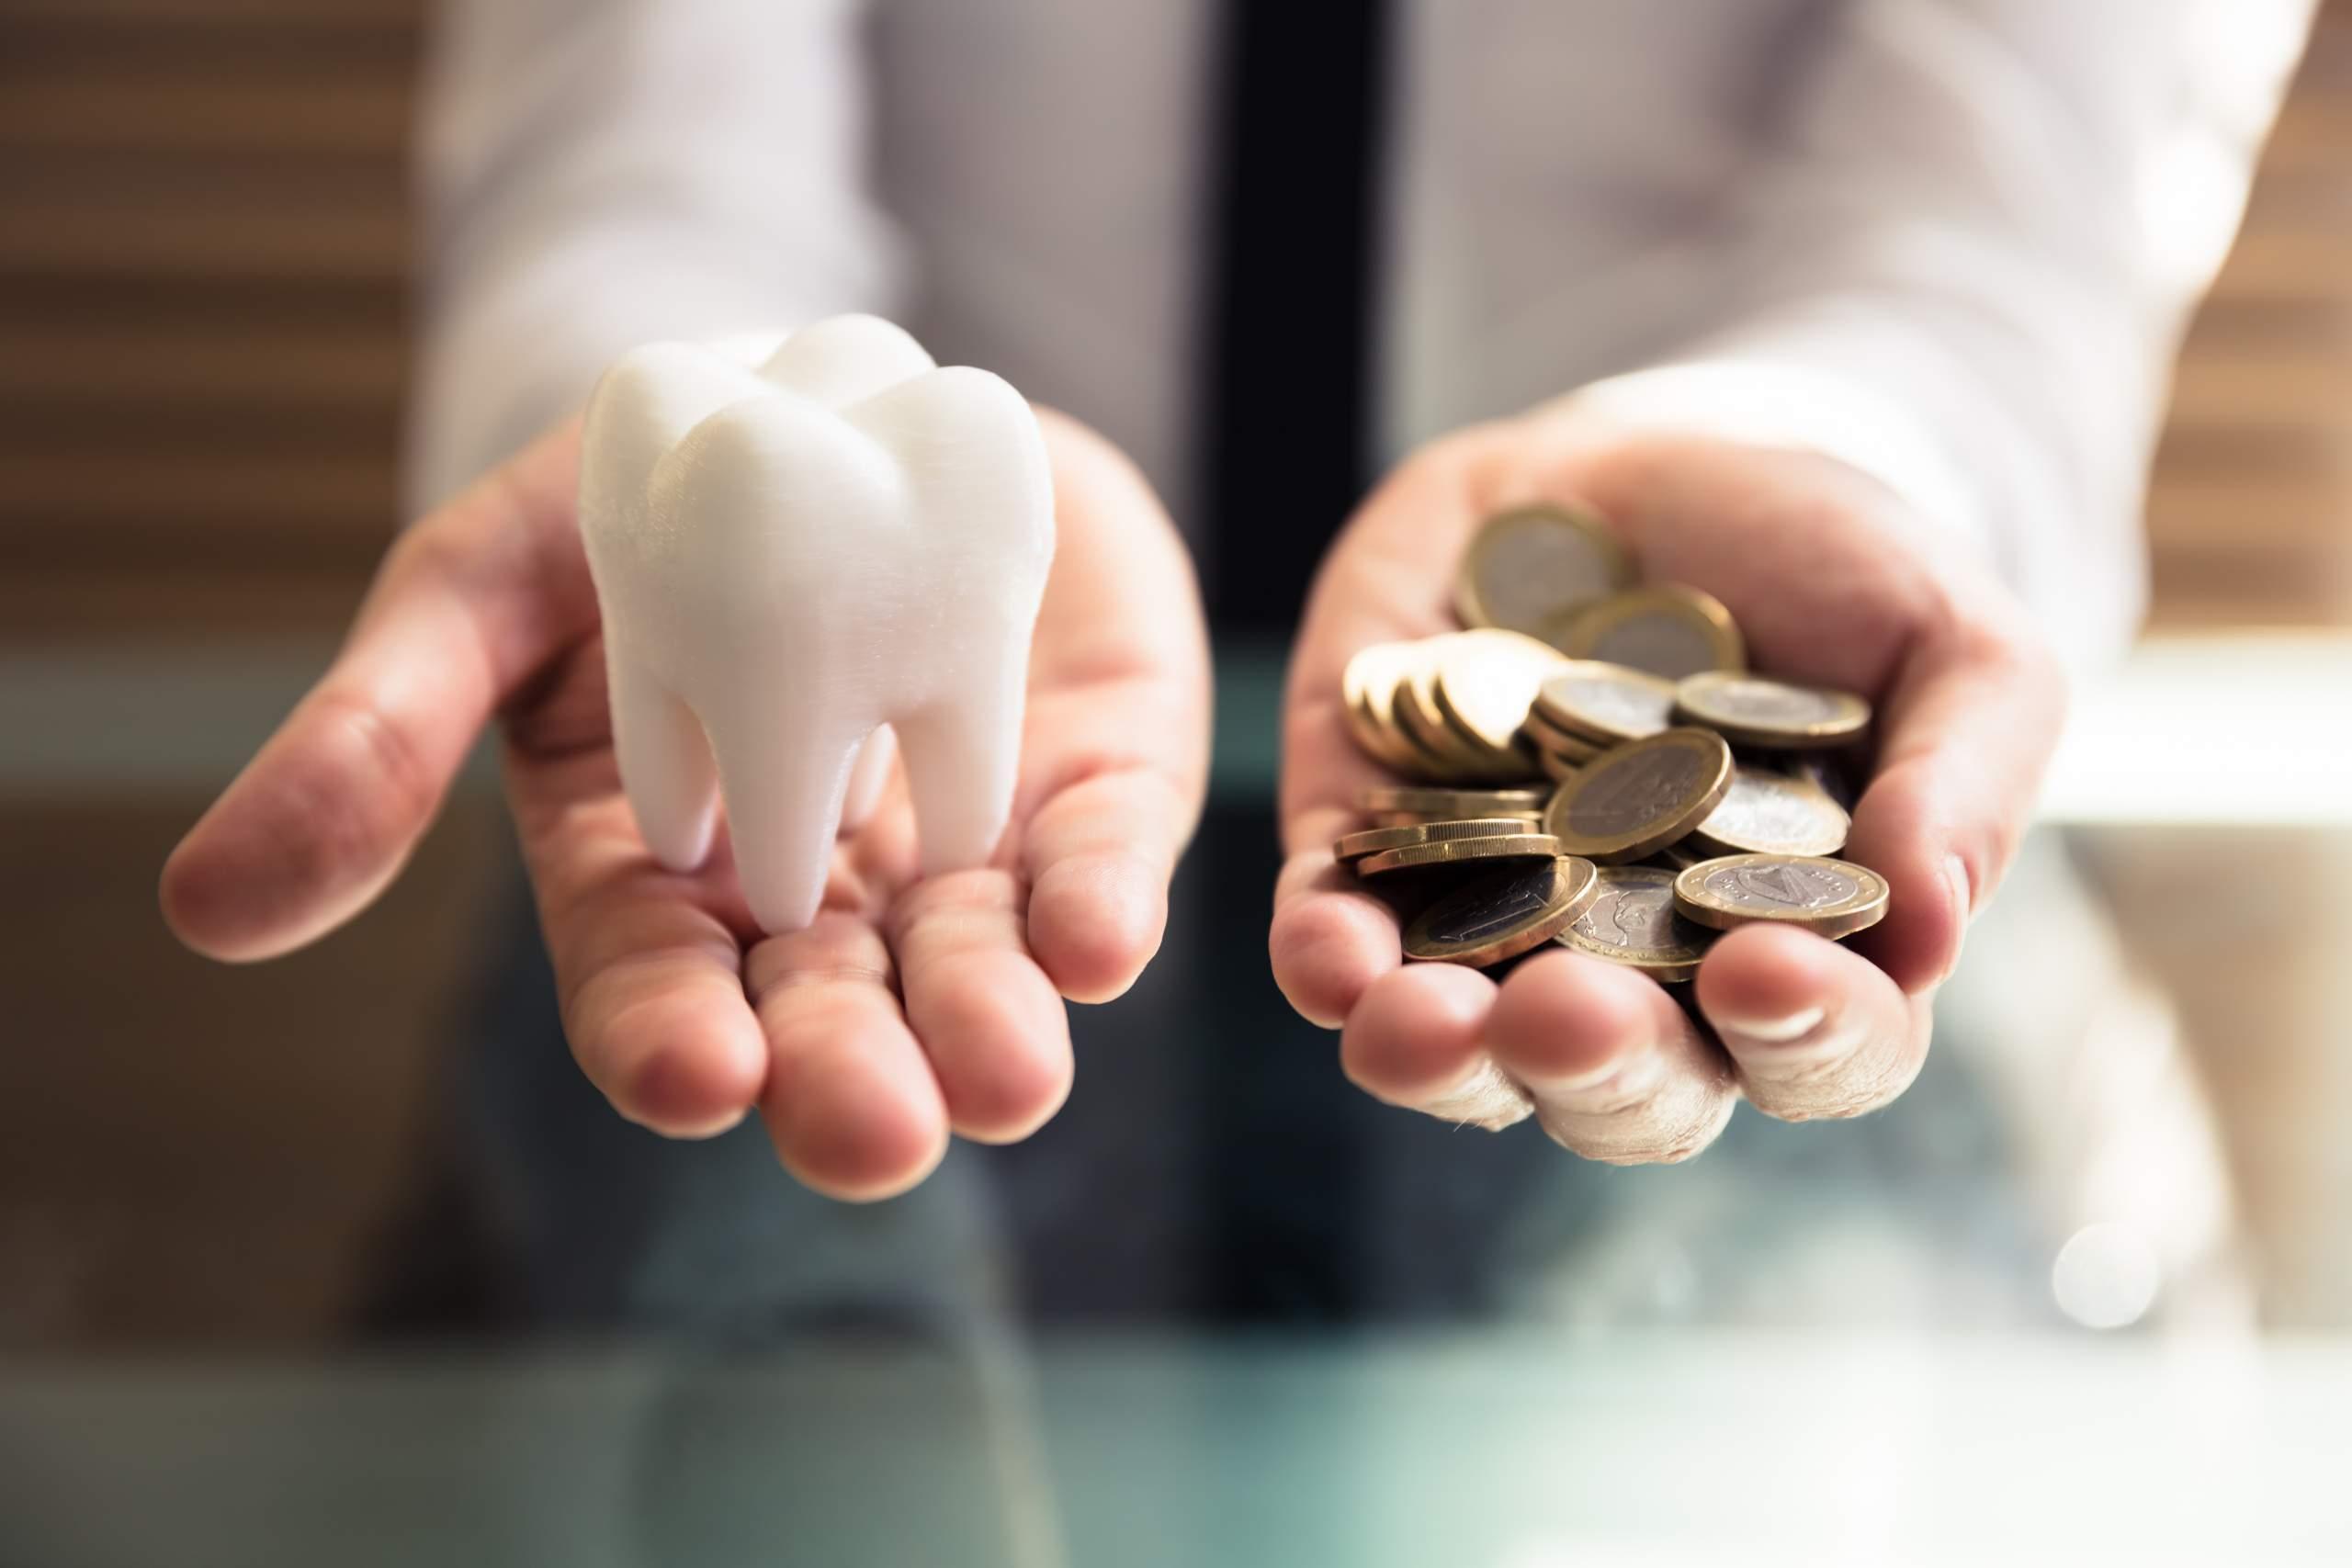 Зуб и монеты в руках